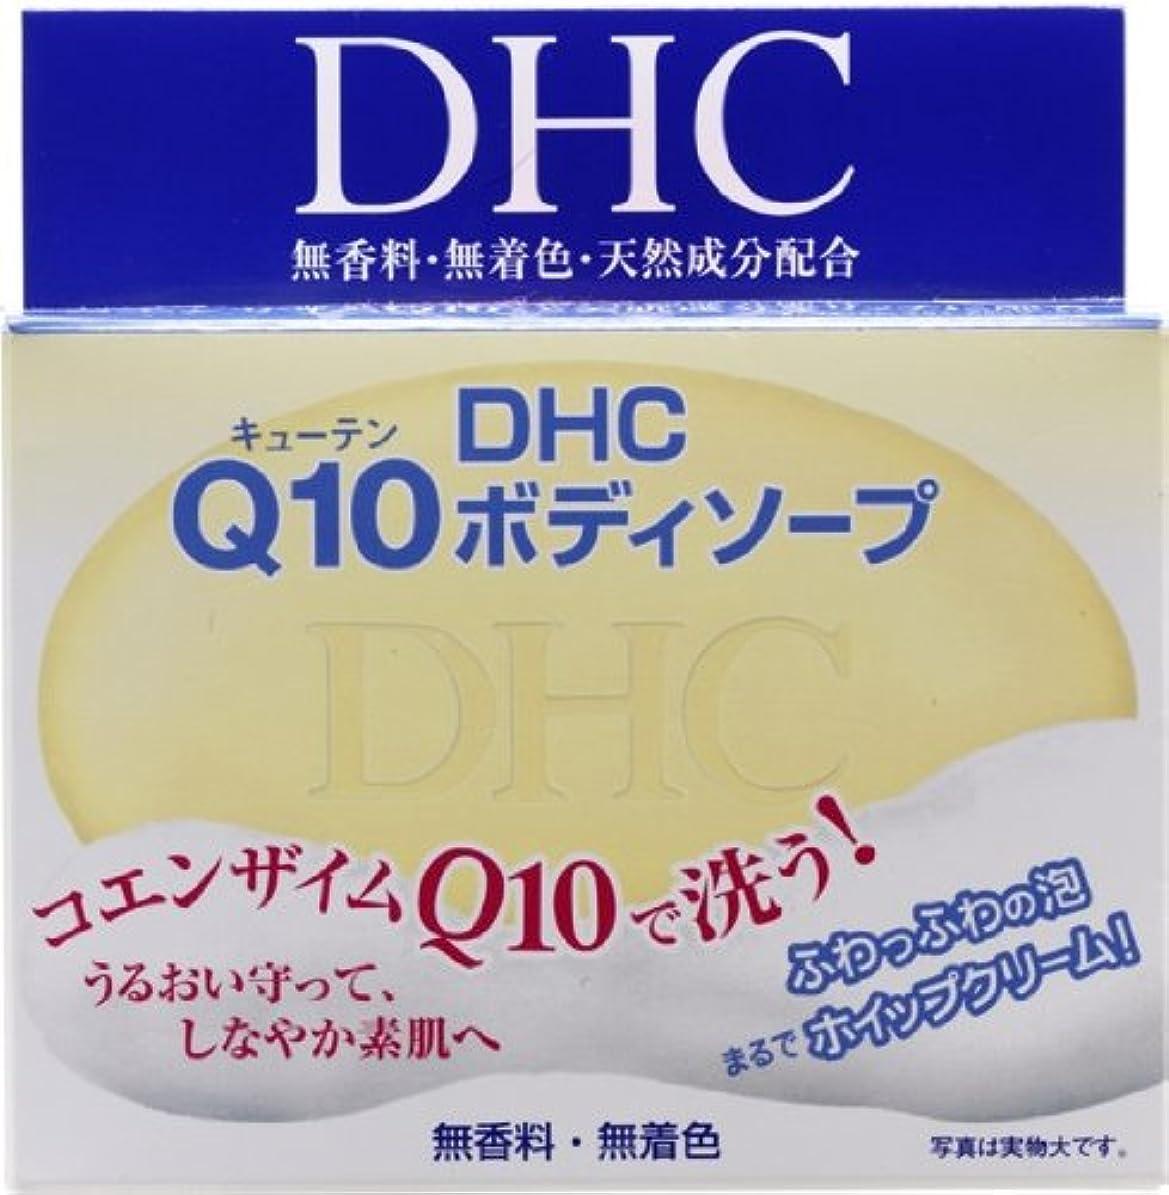 大通り道路を作るプロセス助けになるDHC Q10ボディソープ 120G